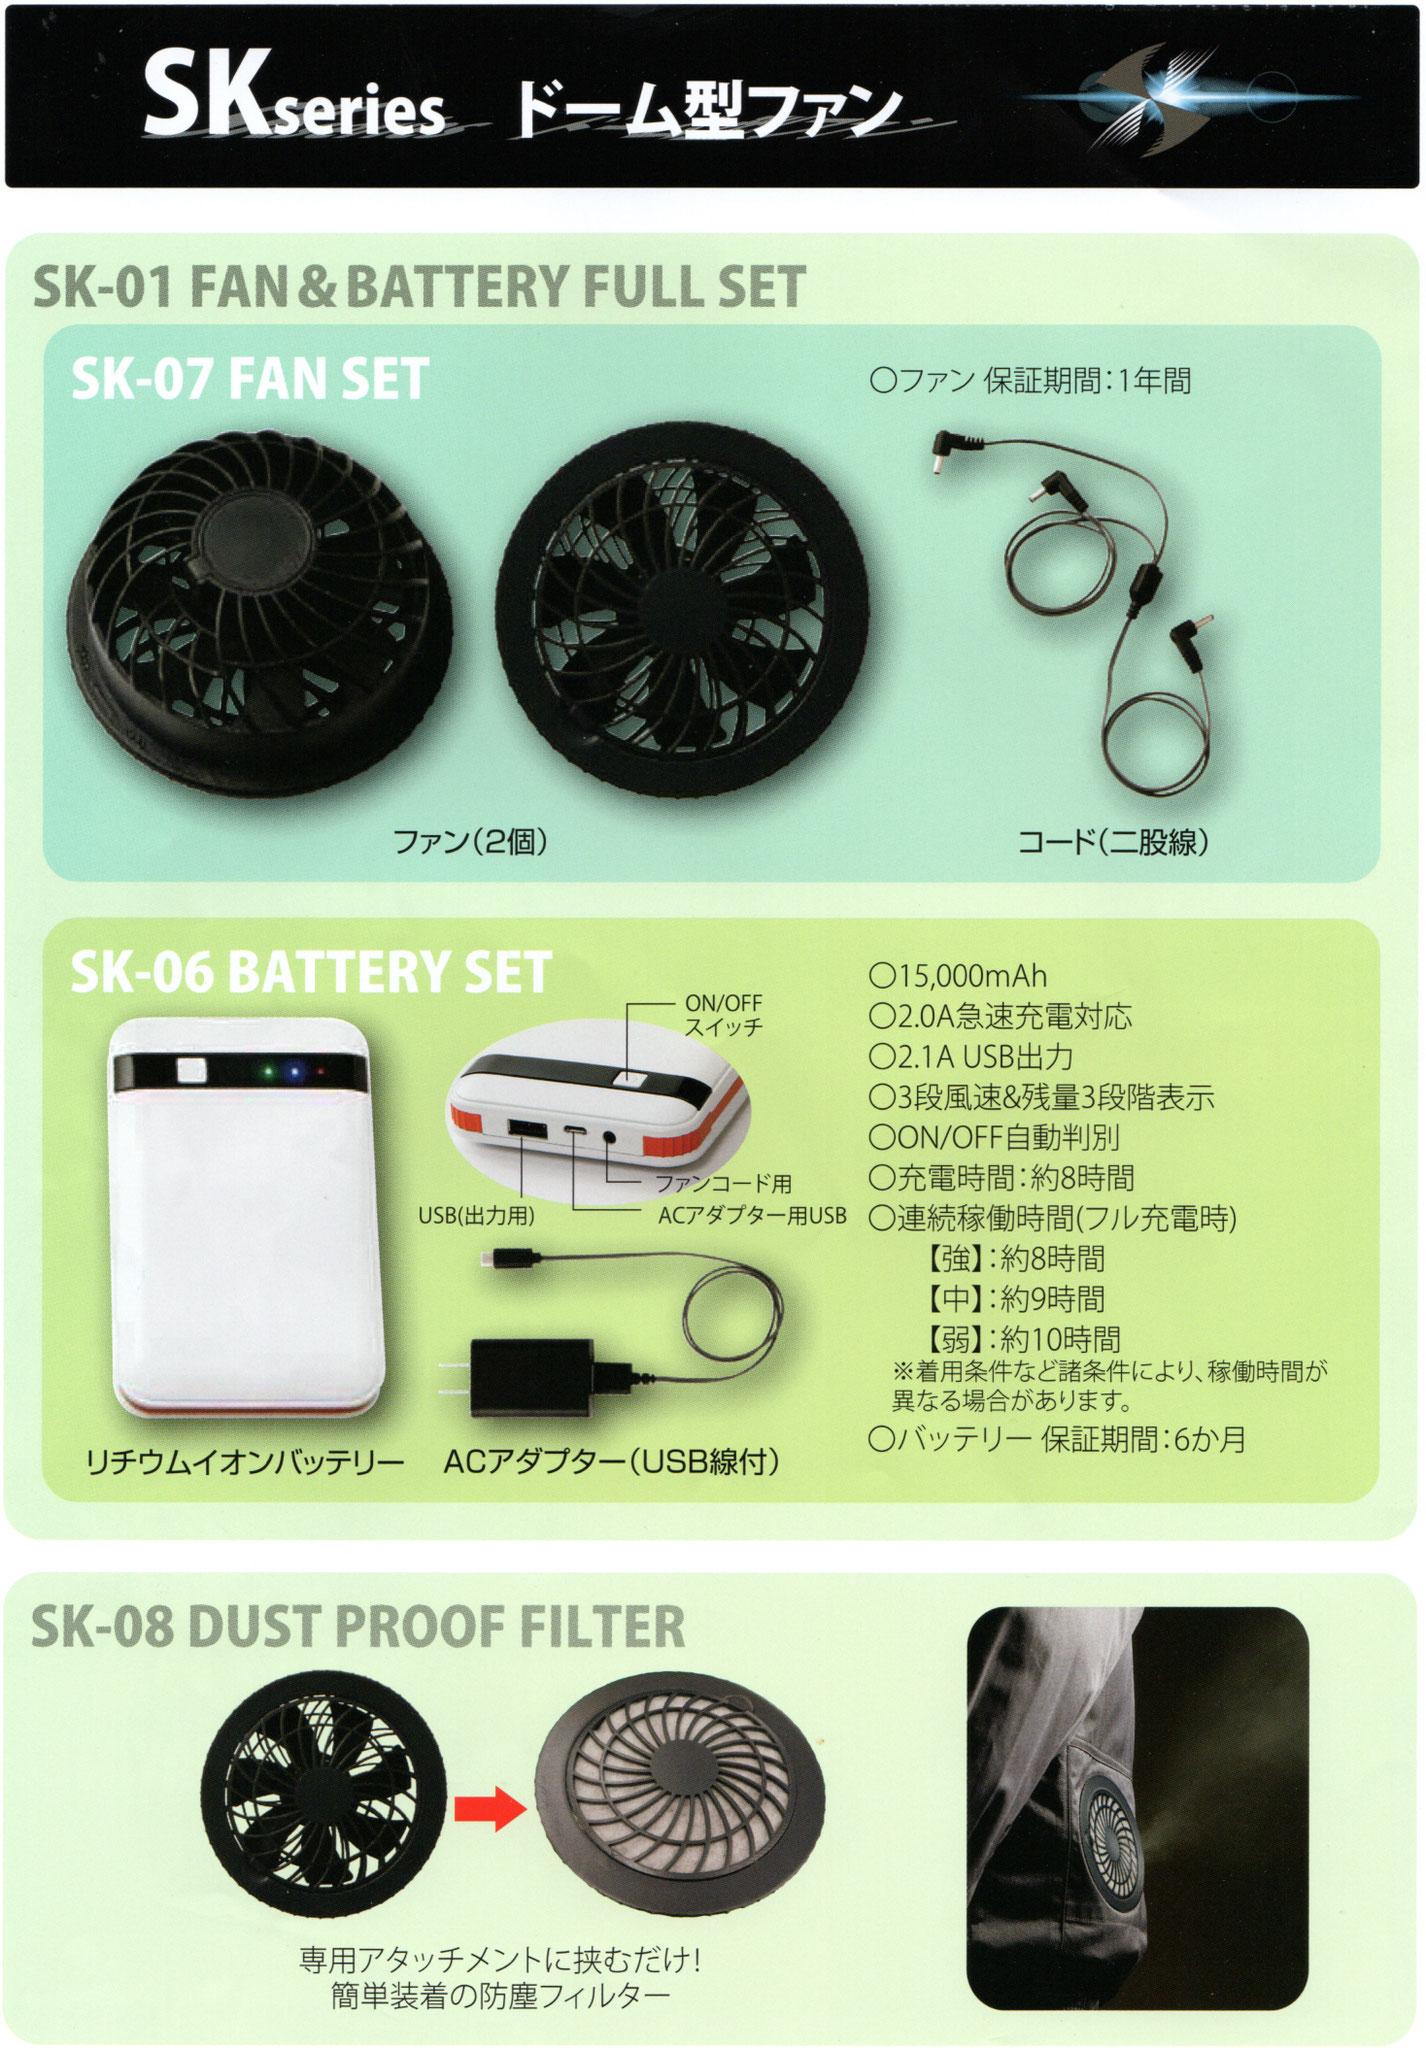 SK-01 ファン・バッテリーフルセット ¥9,900(税込)業界に旋風を巻き起こす価格破壊!!